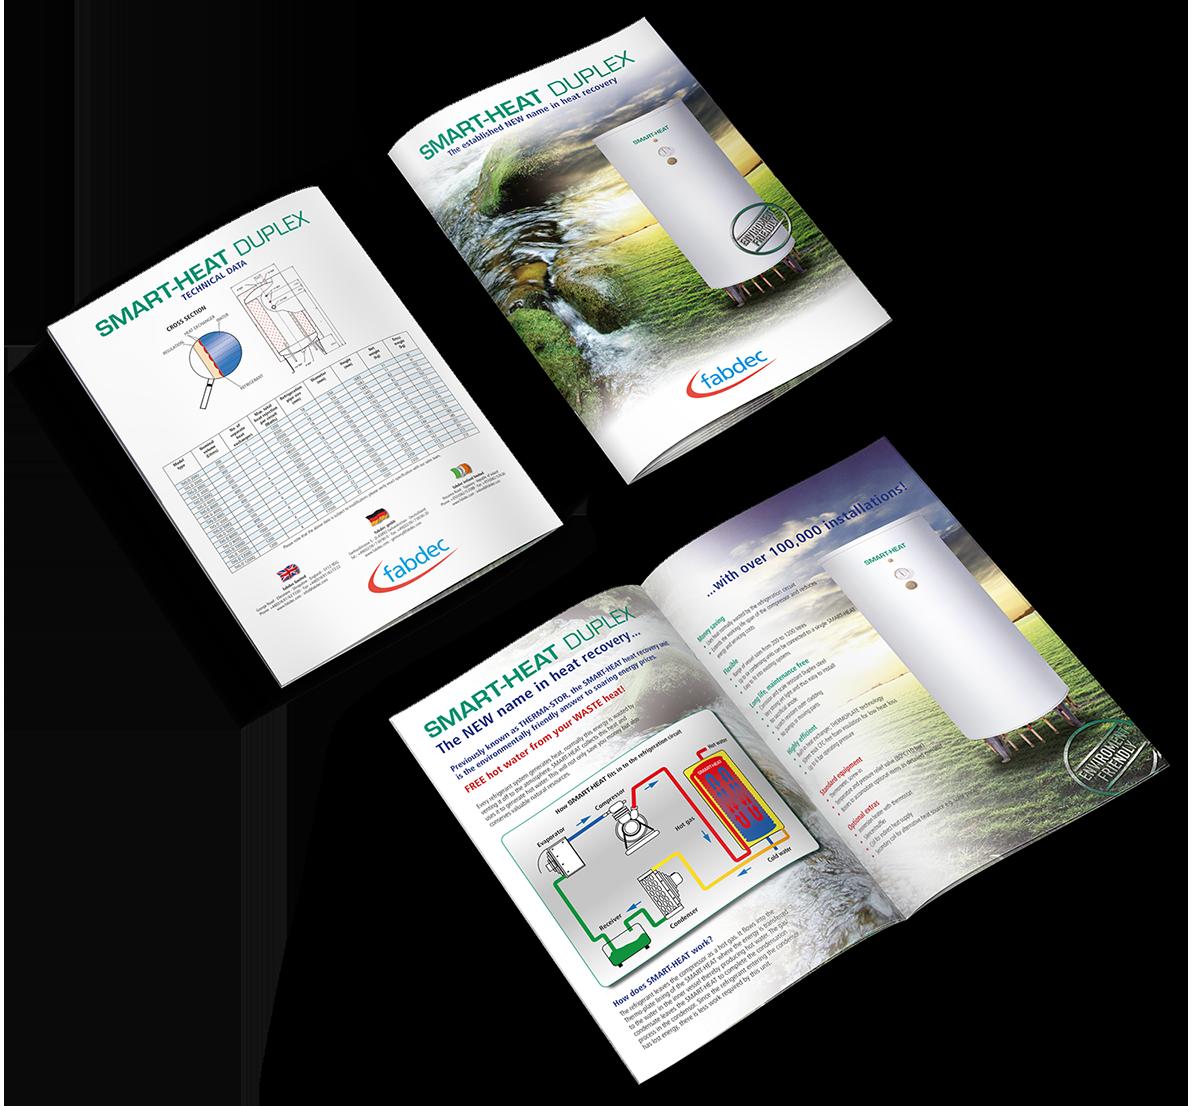 """Grafikdesign Beispiel Produktbroschüre """"Smartheat"""" der Firma Fabdec Ltd."""